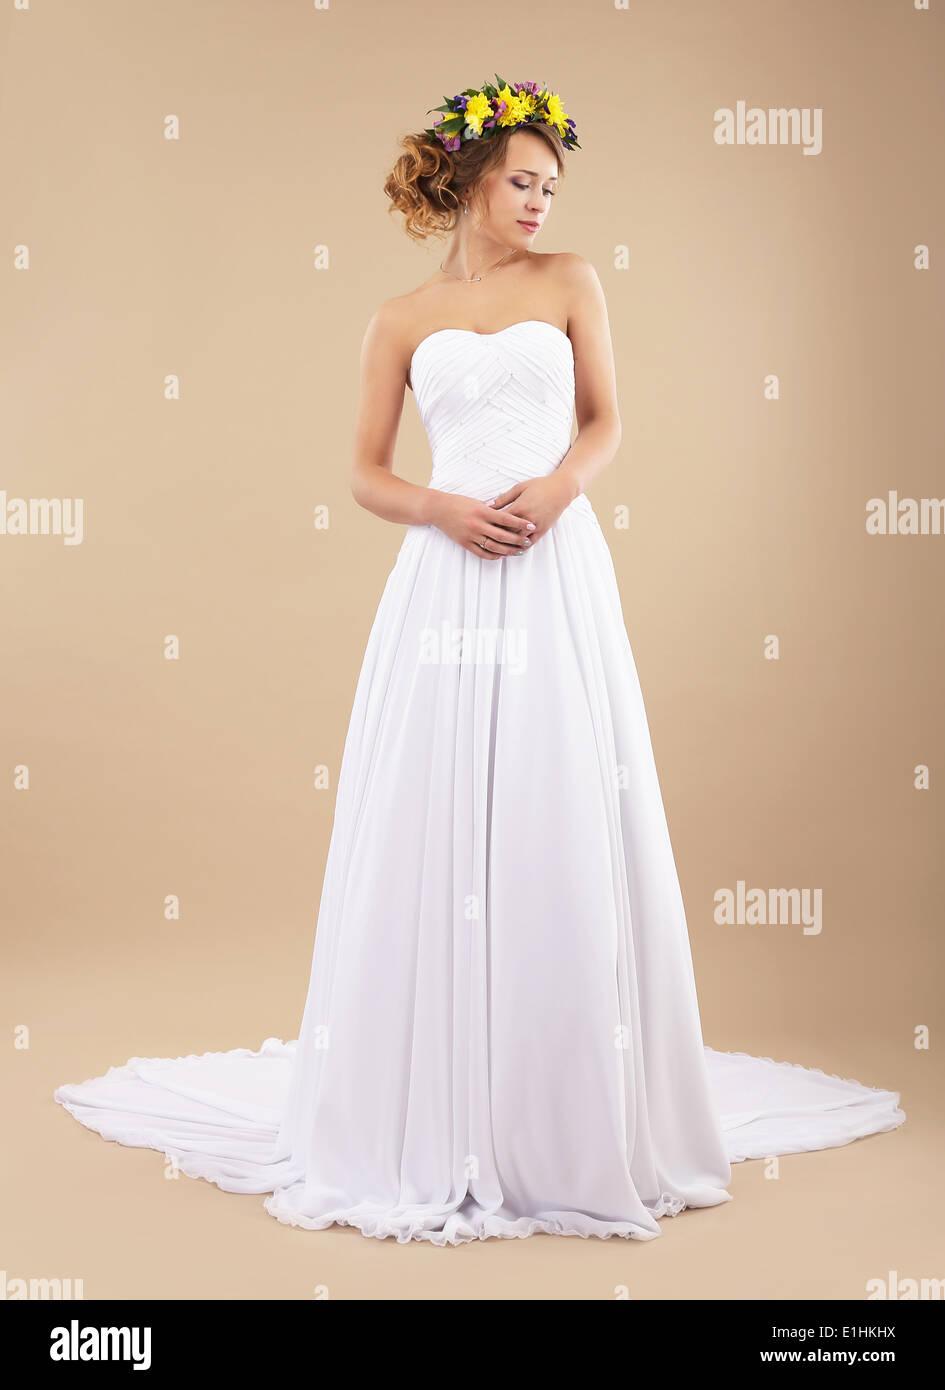 Die Einfachheit. Minimalismus. Authentische Frau mit Wildblumen im klassischen Kleid Stockbild